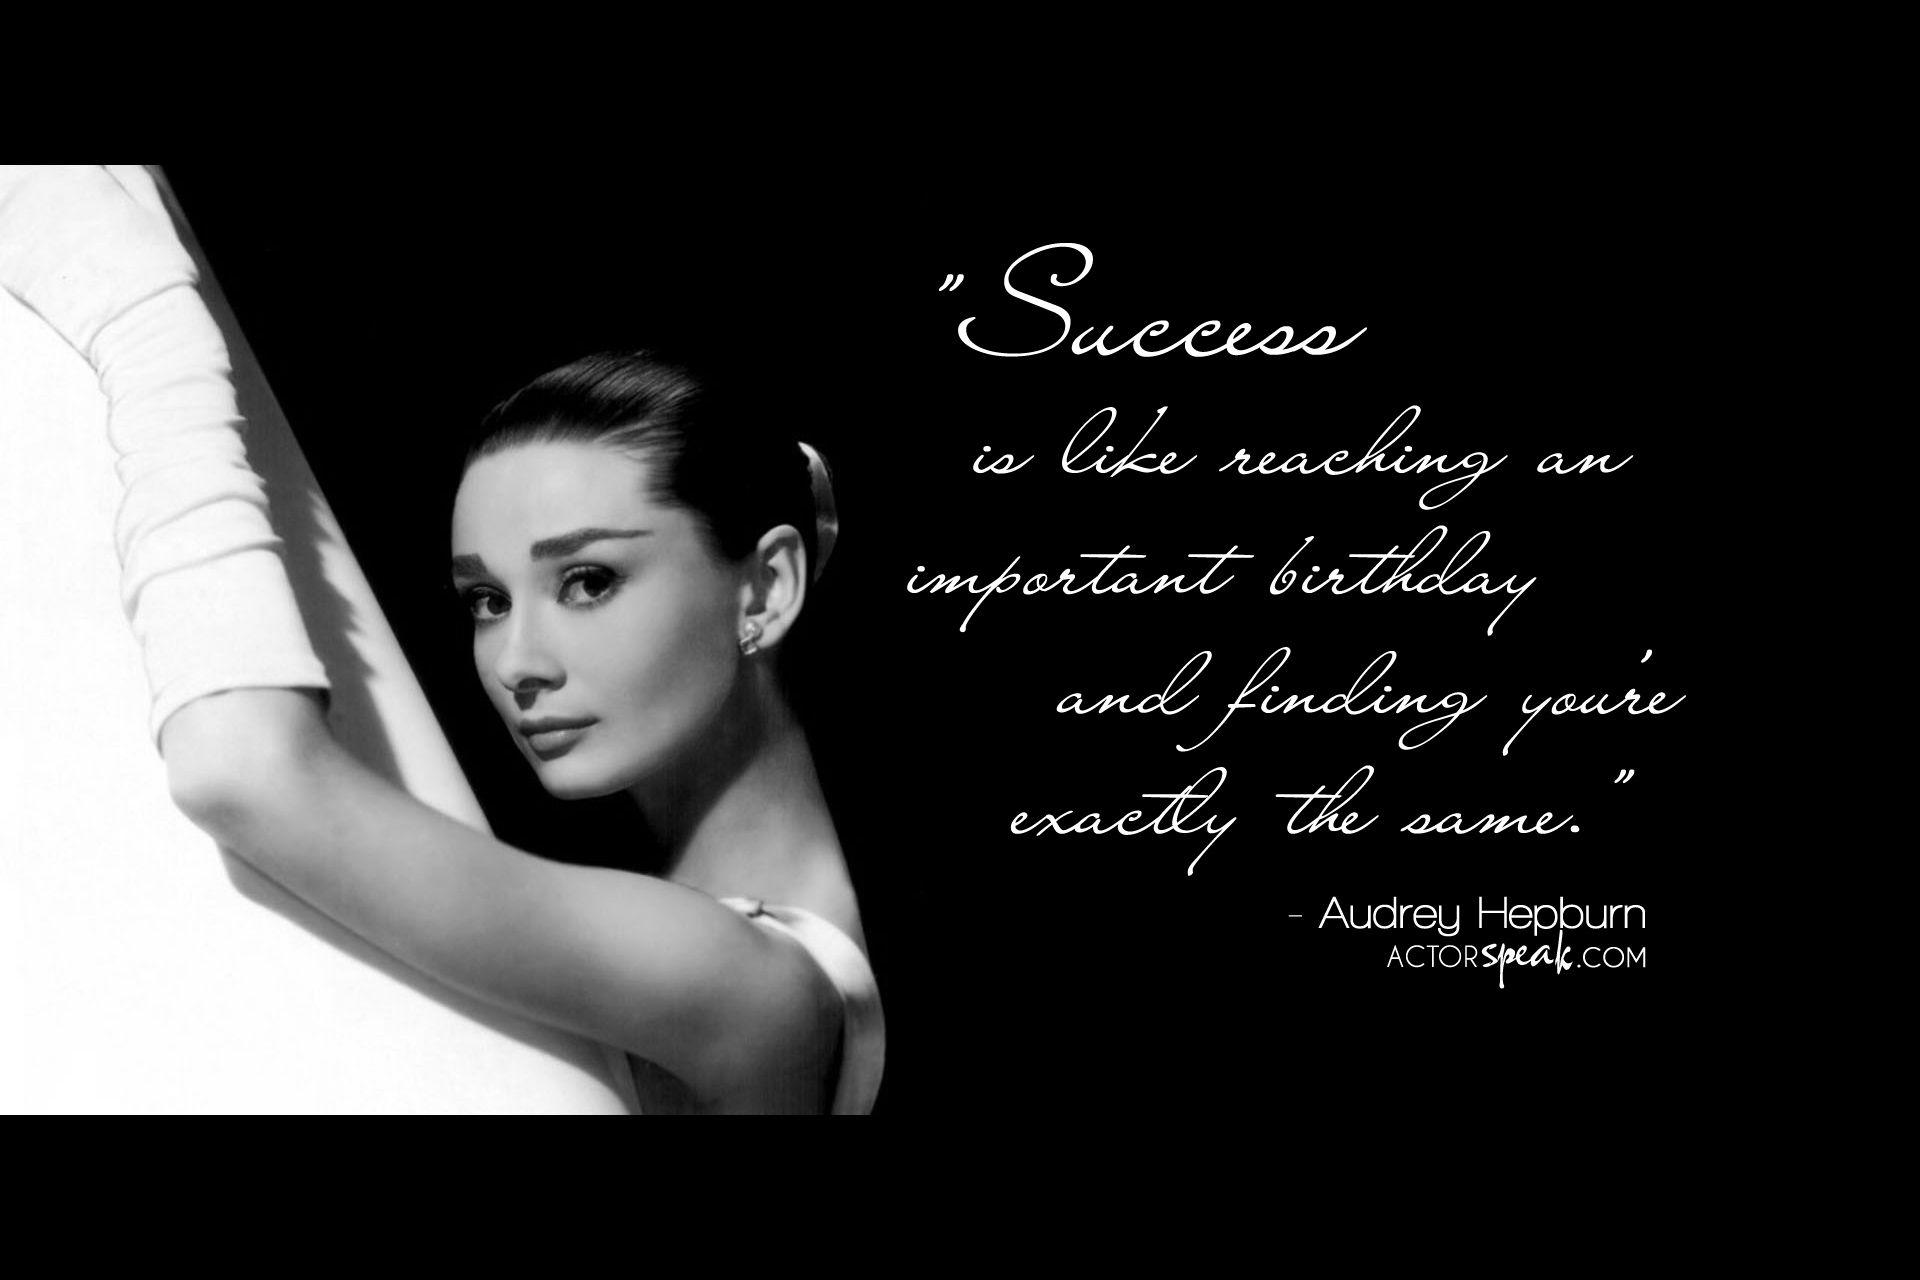 Audrey Hepburn Quotes Audrey Hepburn Actor Quotes